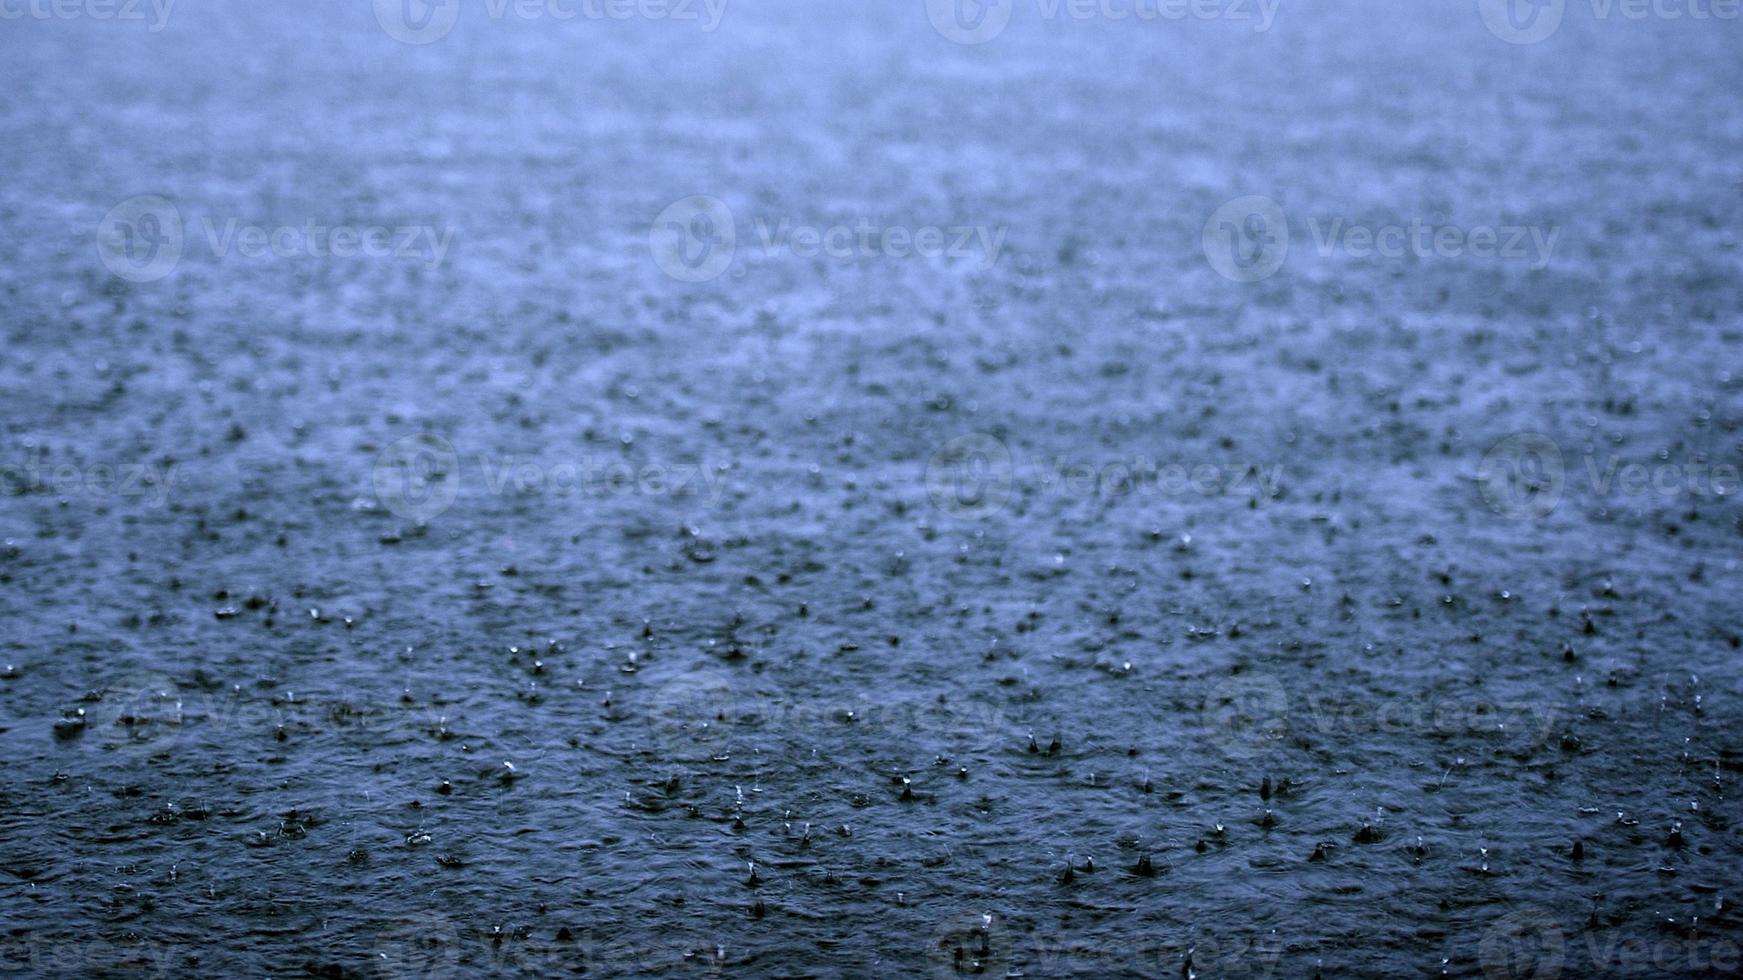 lago di pioggia foto